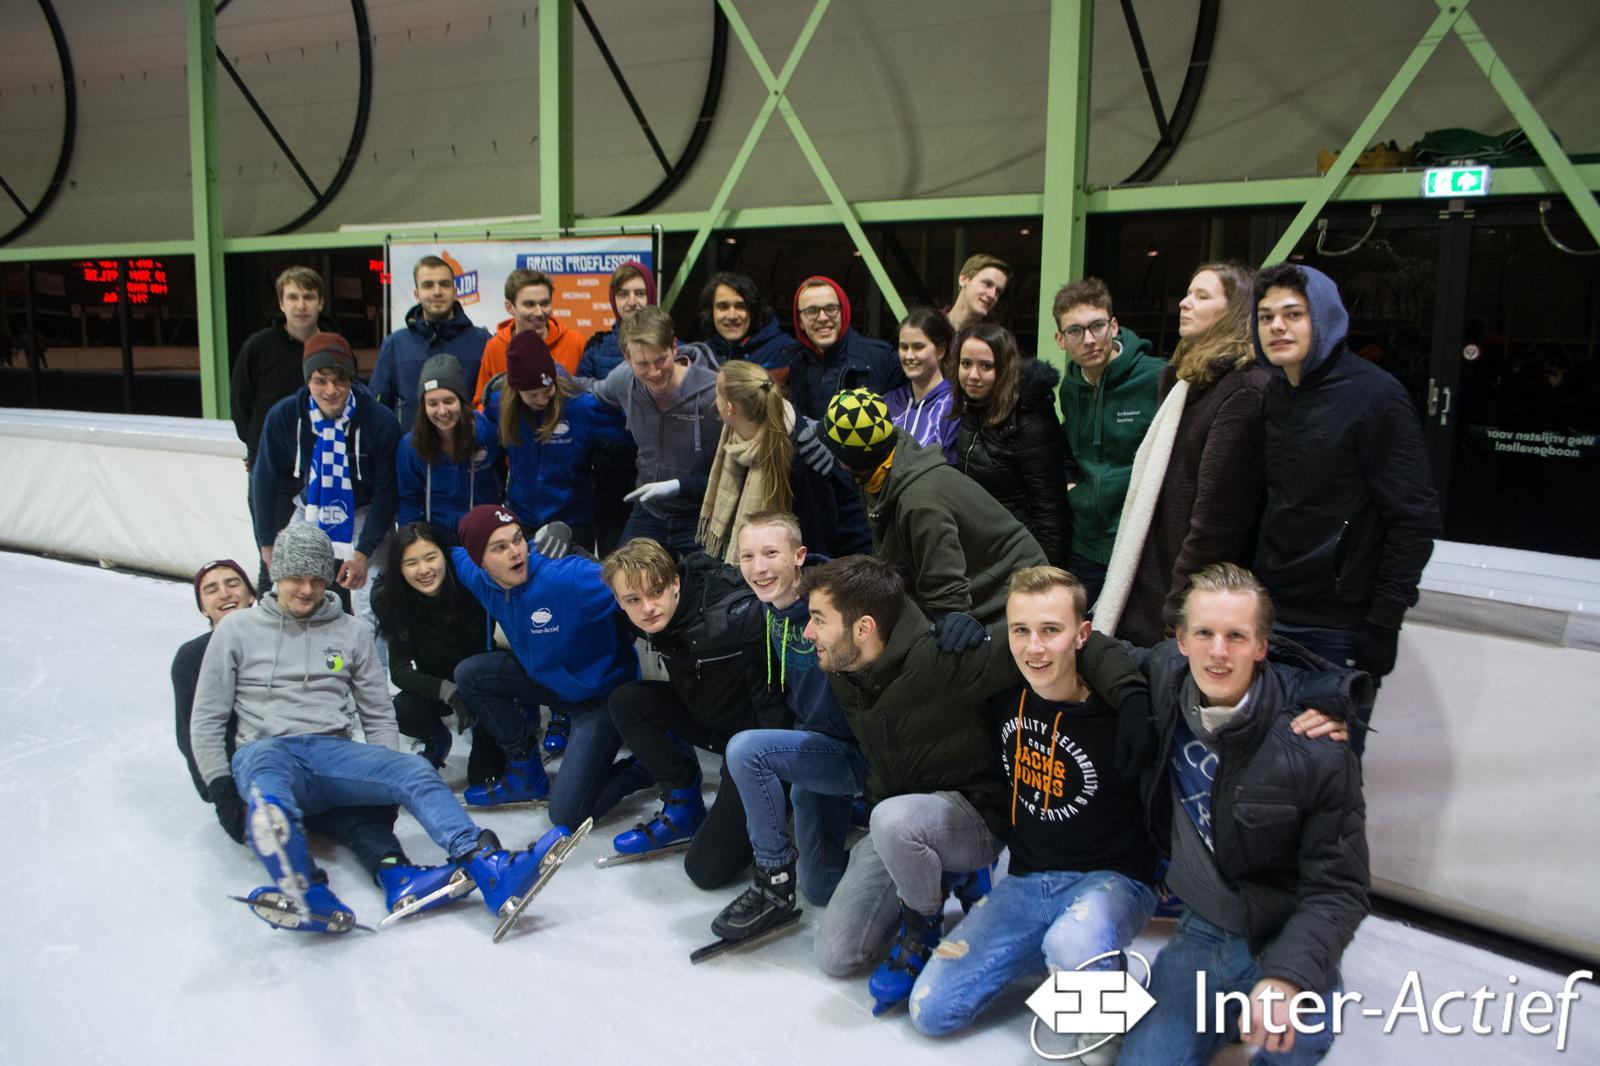 IceSkating20200116_NielsdeGroot-42.jpg